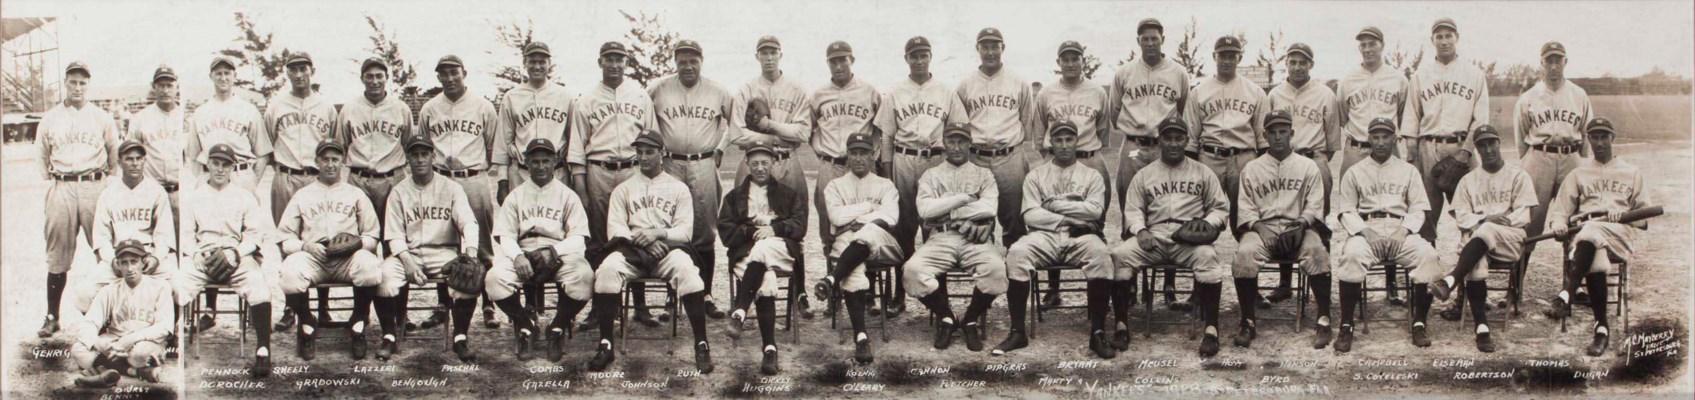 1928 NEW YORK YANKEES TEAM PAN